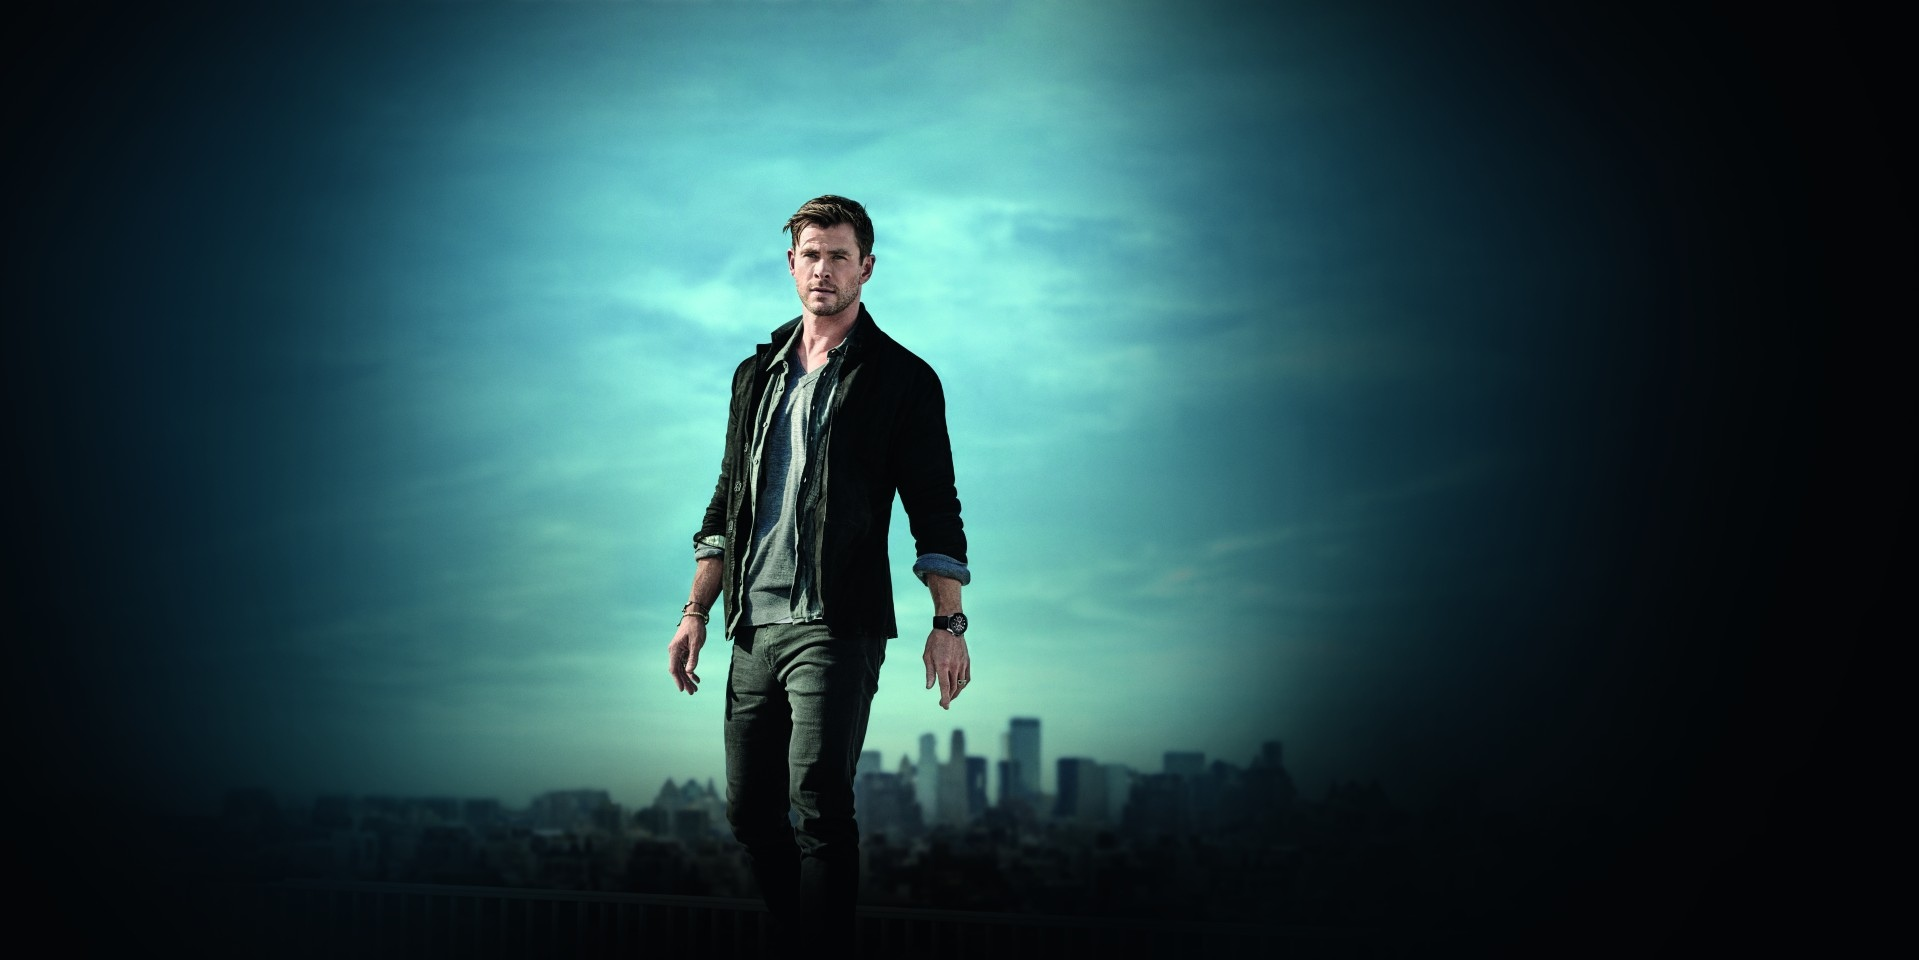 魅力男神雷神索爾克里斯Chris Hemsworth霸氣演繹TAG Heuer全新廣告